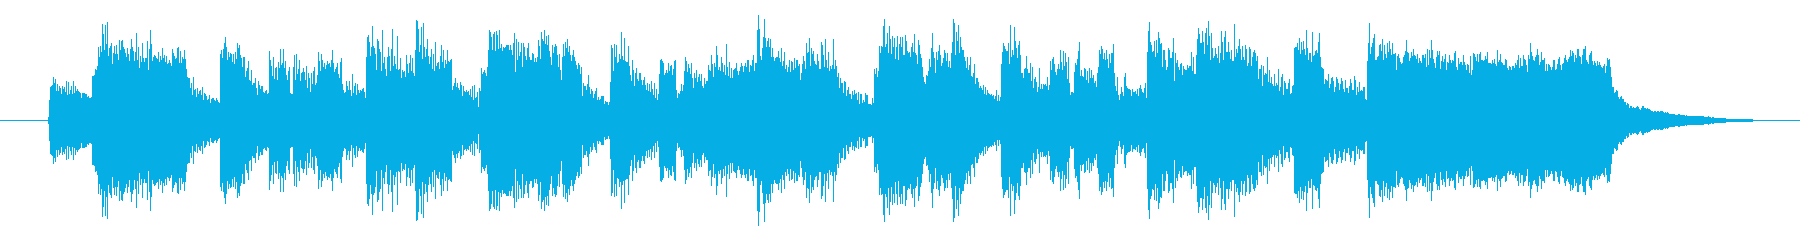 オルガンとピアノによるオシャレなジングルの再生済みの波形